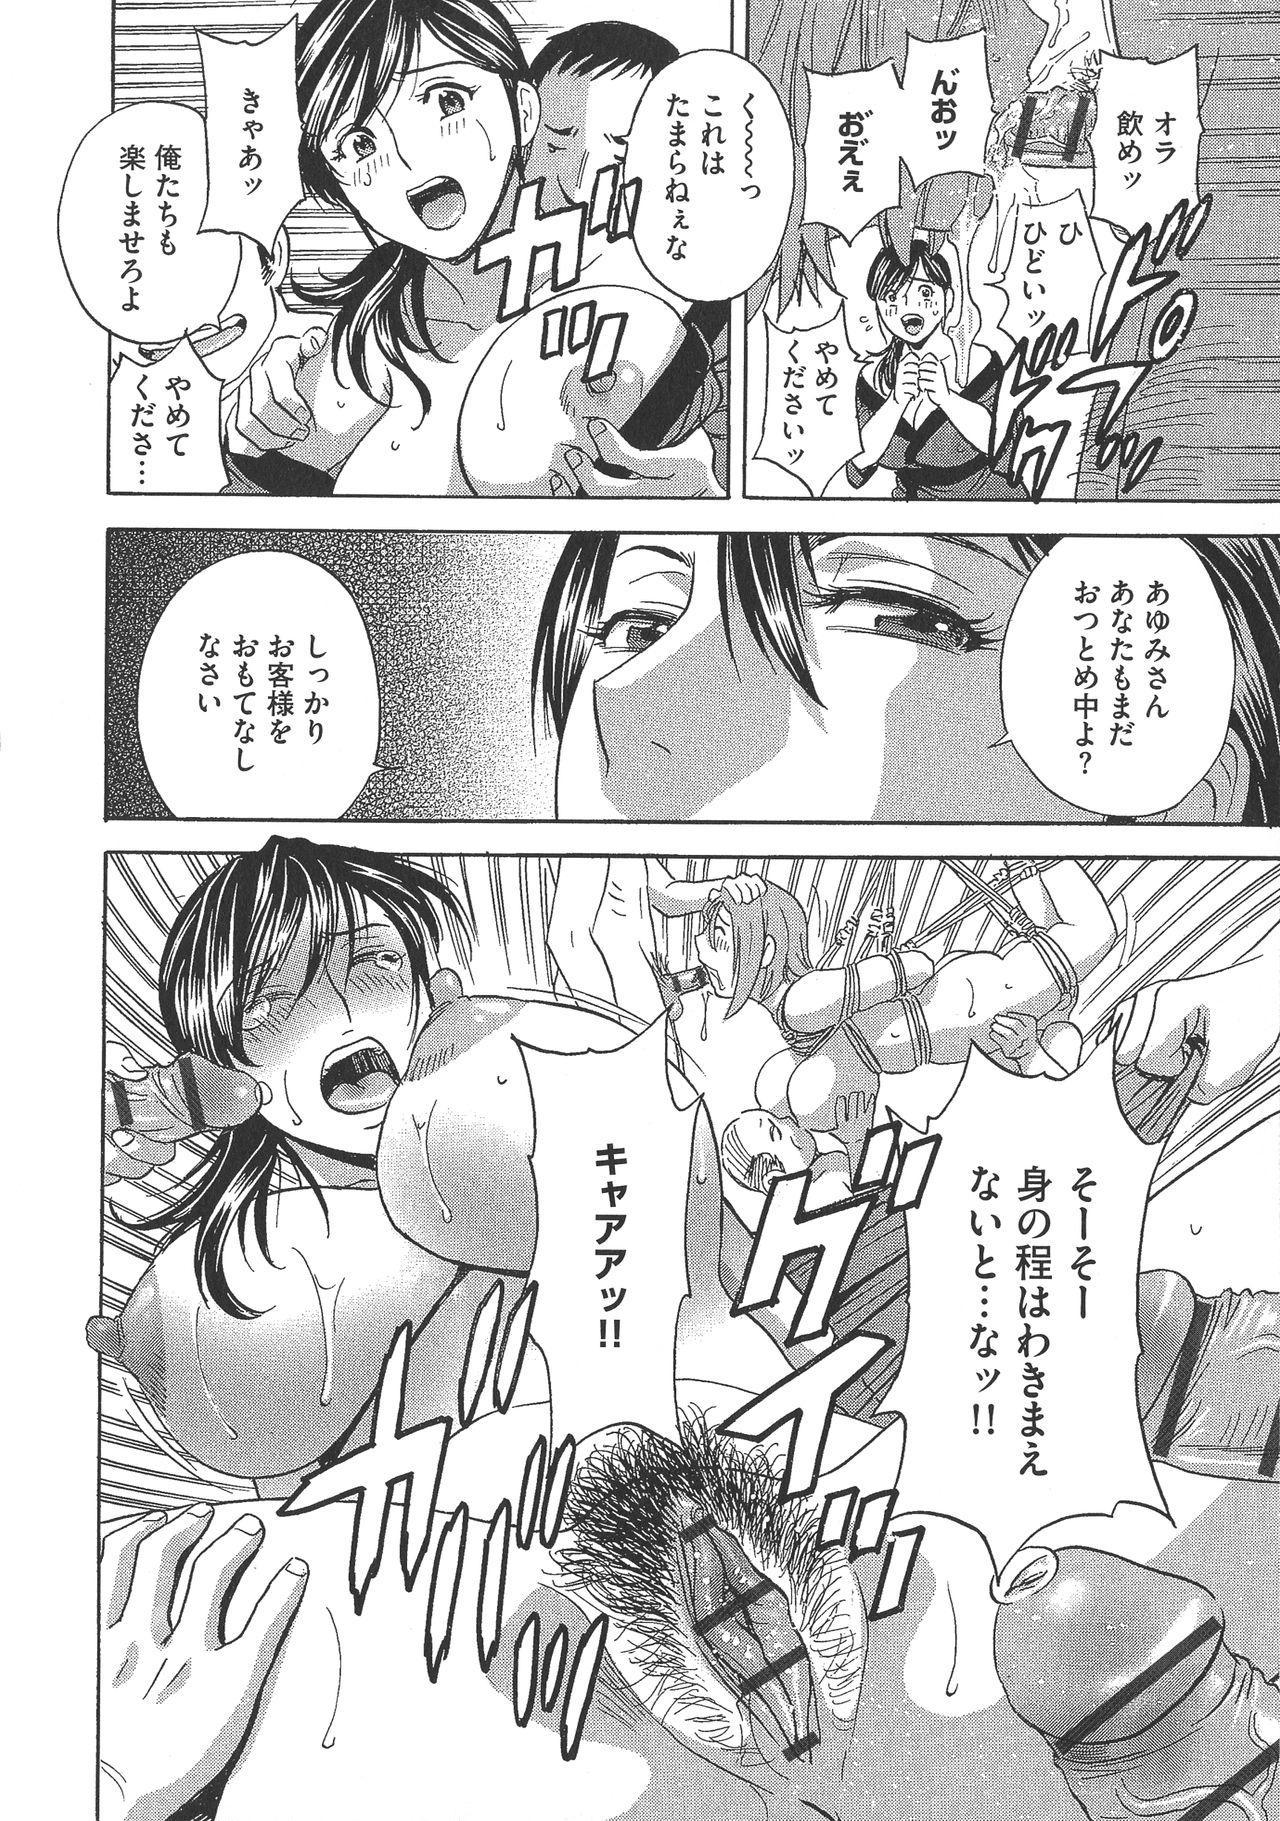 Chijoku ni Modaeru Haha no Chichi… 95